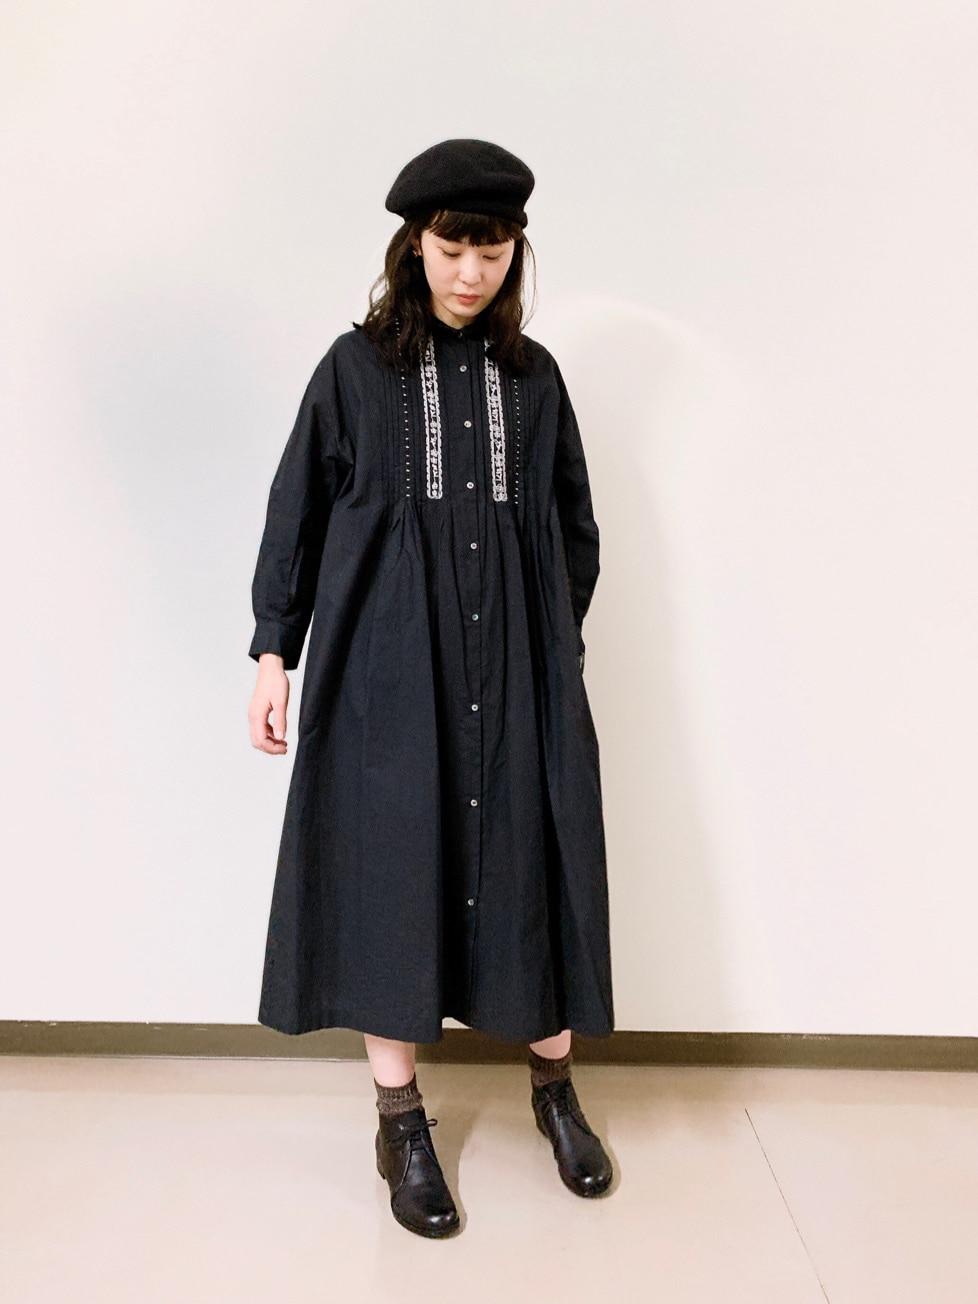 bulle de savon アトレ川崎 身長:168cm 2020.11.25